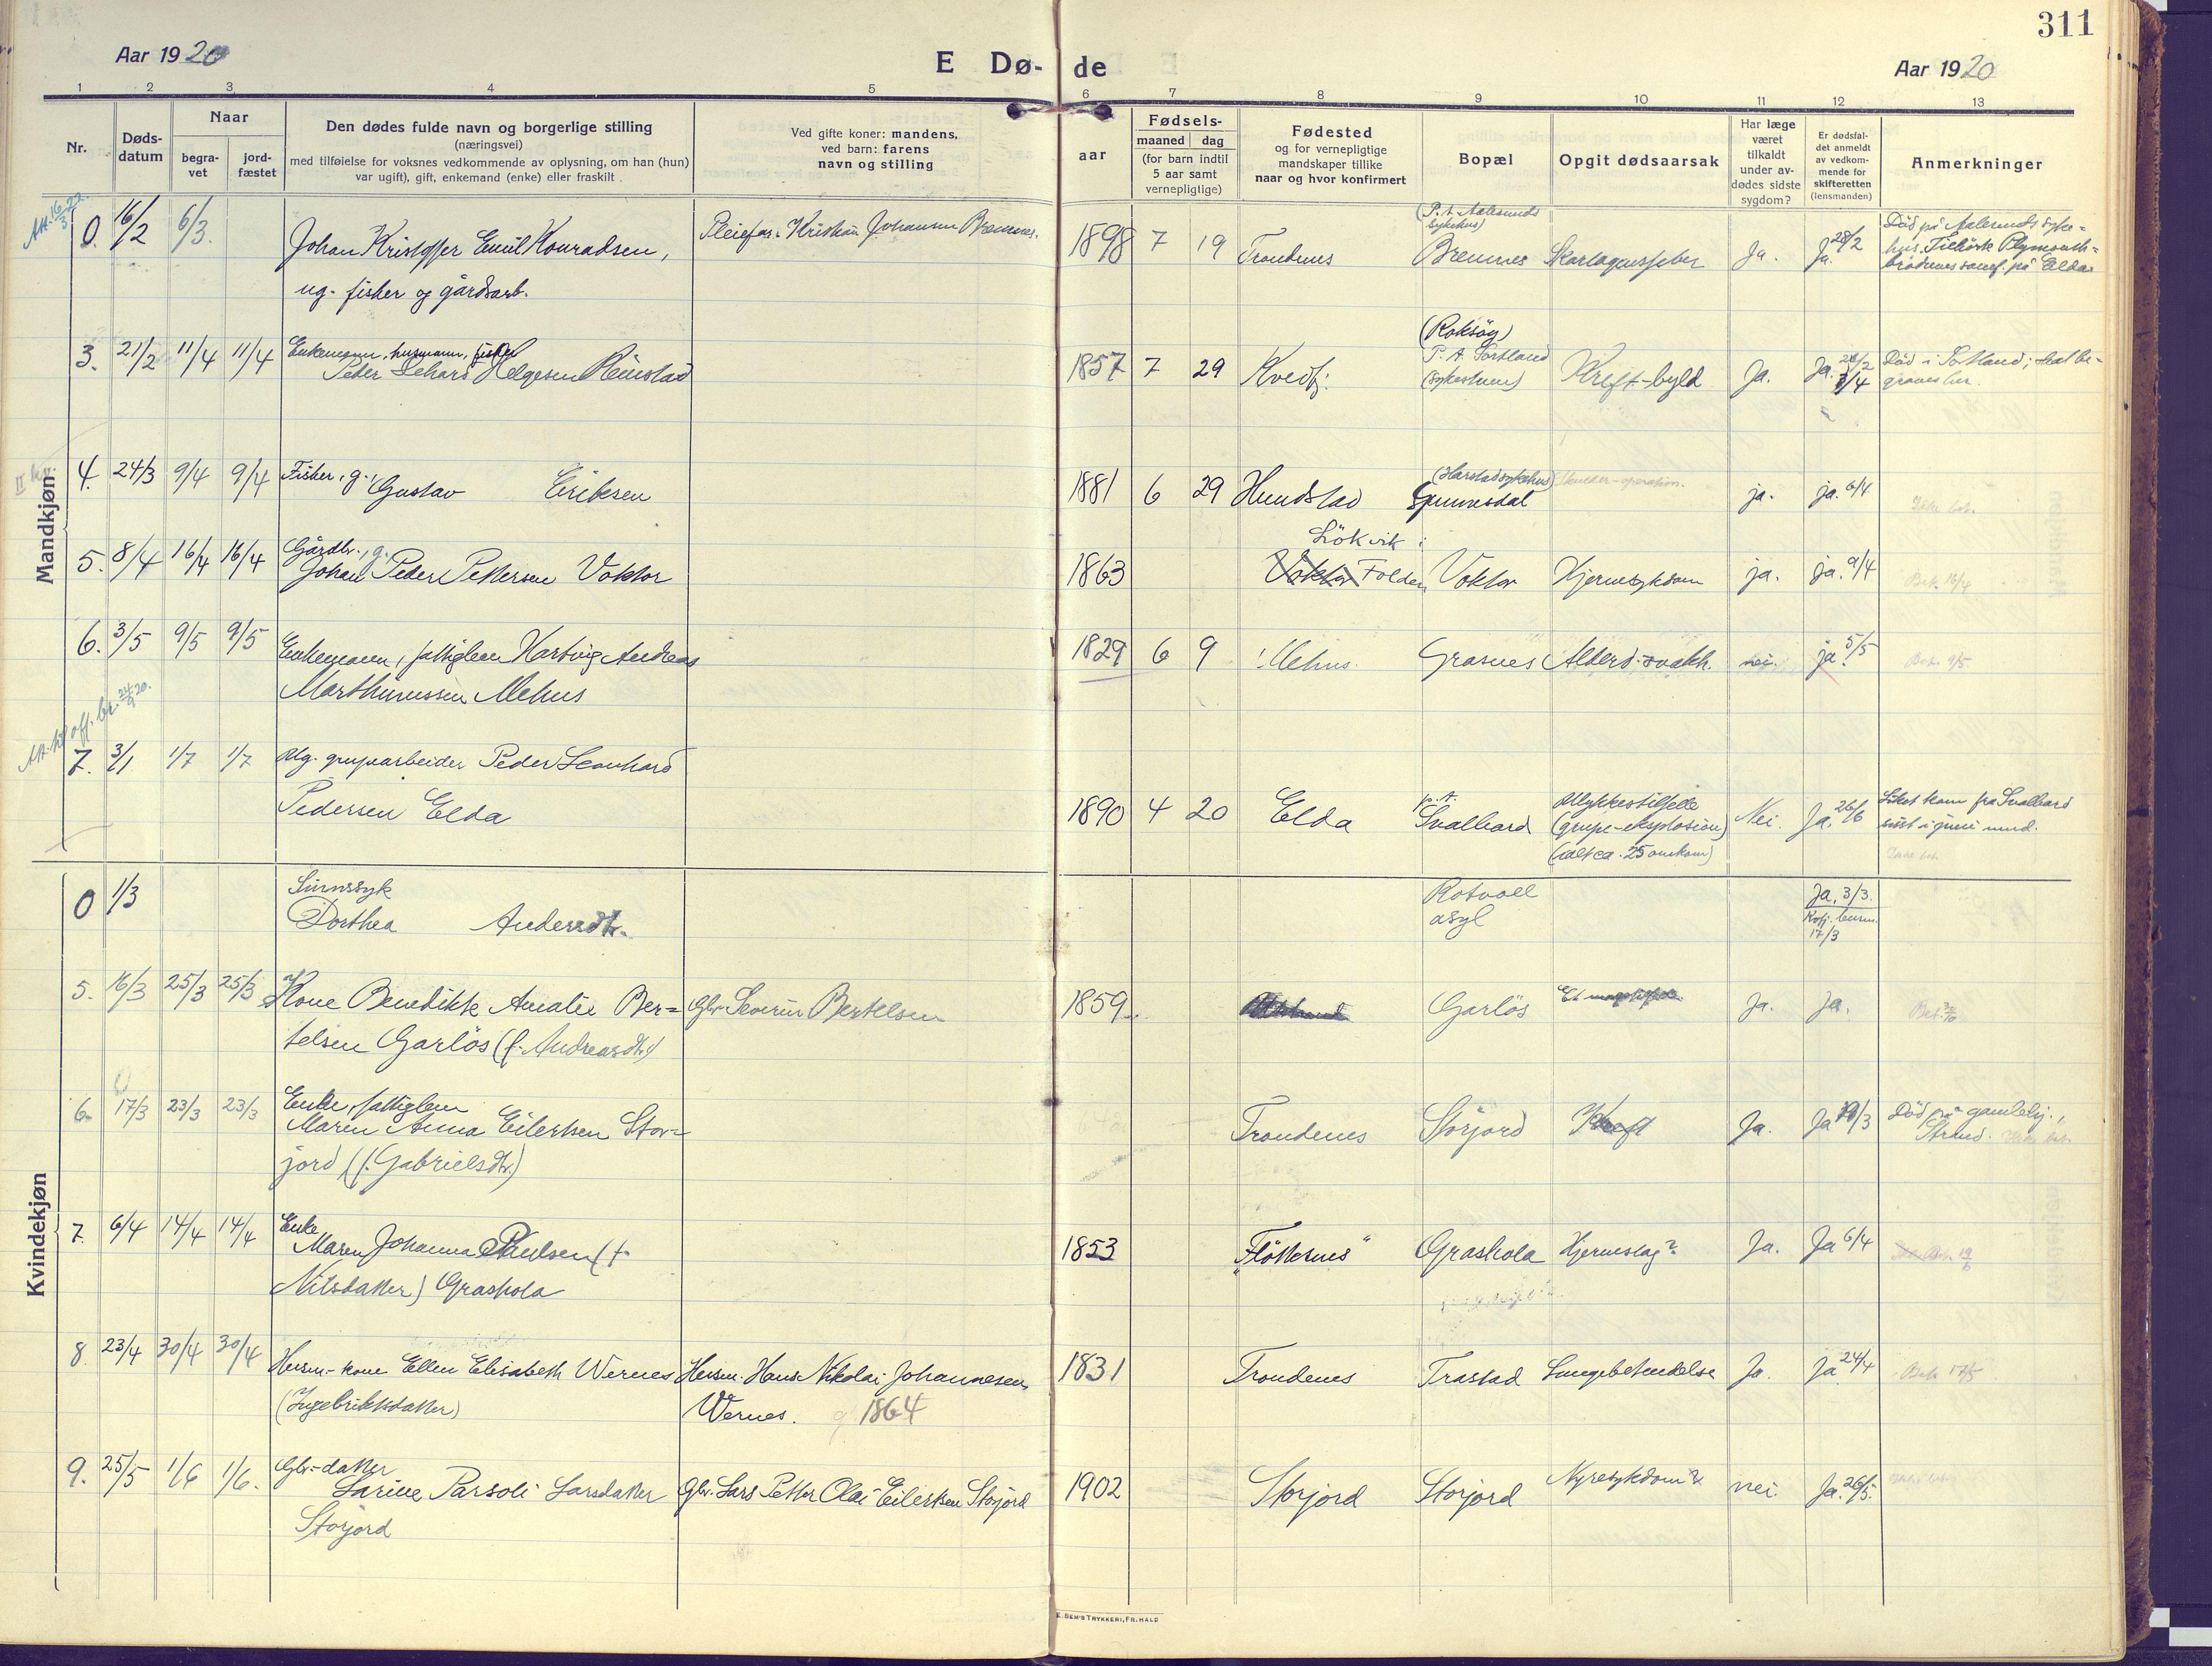 SATØ, Kvæfjord sokneprestkontor, G/Ga/Gaa/L0007kirke: Ministerialbok nr. 7, 1915-1931, s. 311